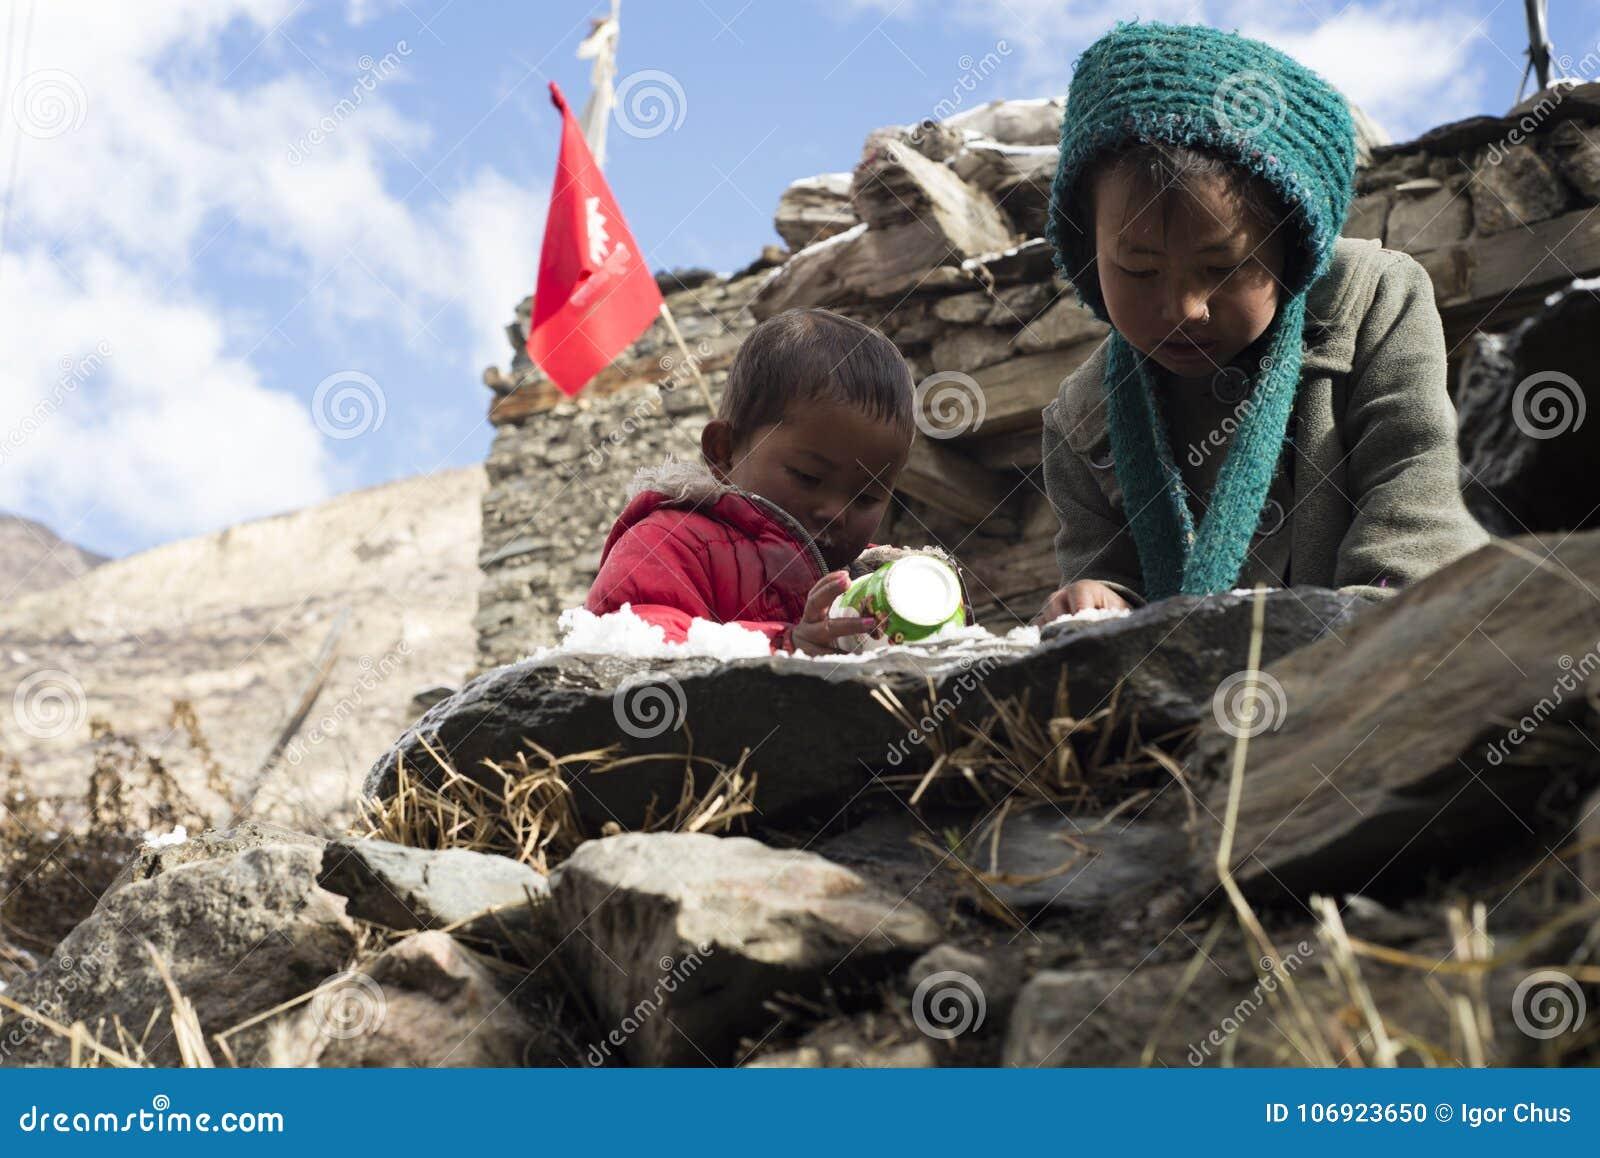 Dzieci Nepal utrzymanie w himalajach, Manang wioska, Nepal, Listopad 2017, artykuł wstępny